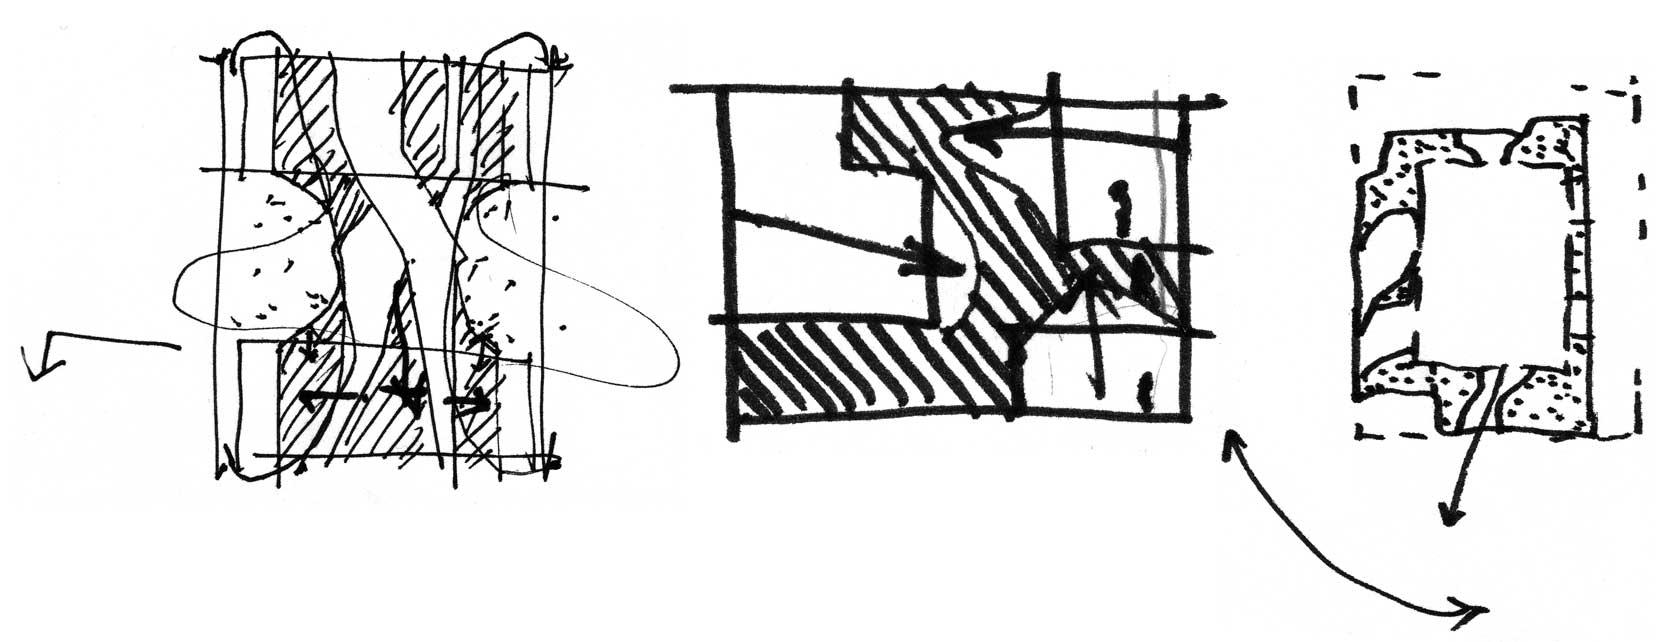 Venice Biennale 2010: Concretion Sketch